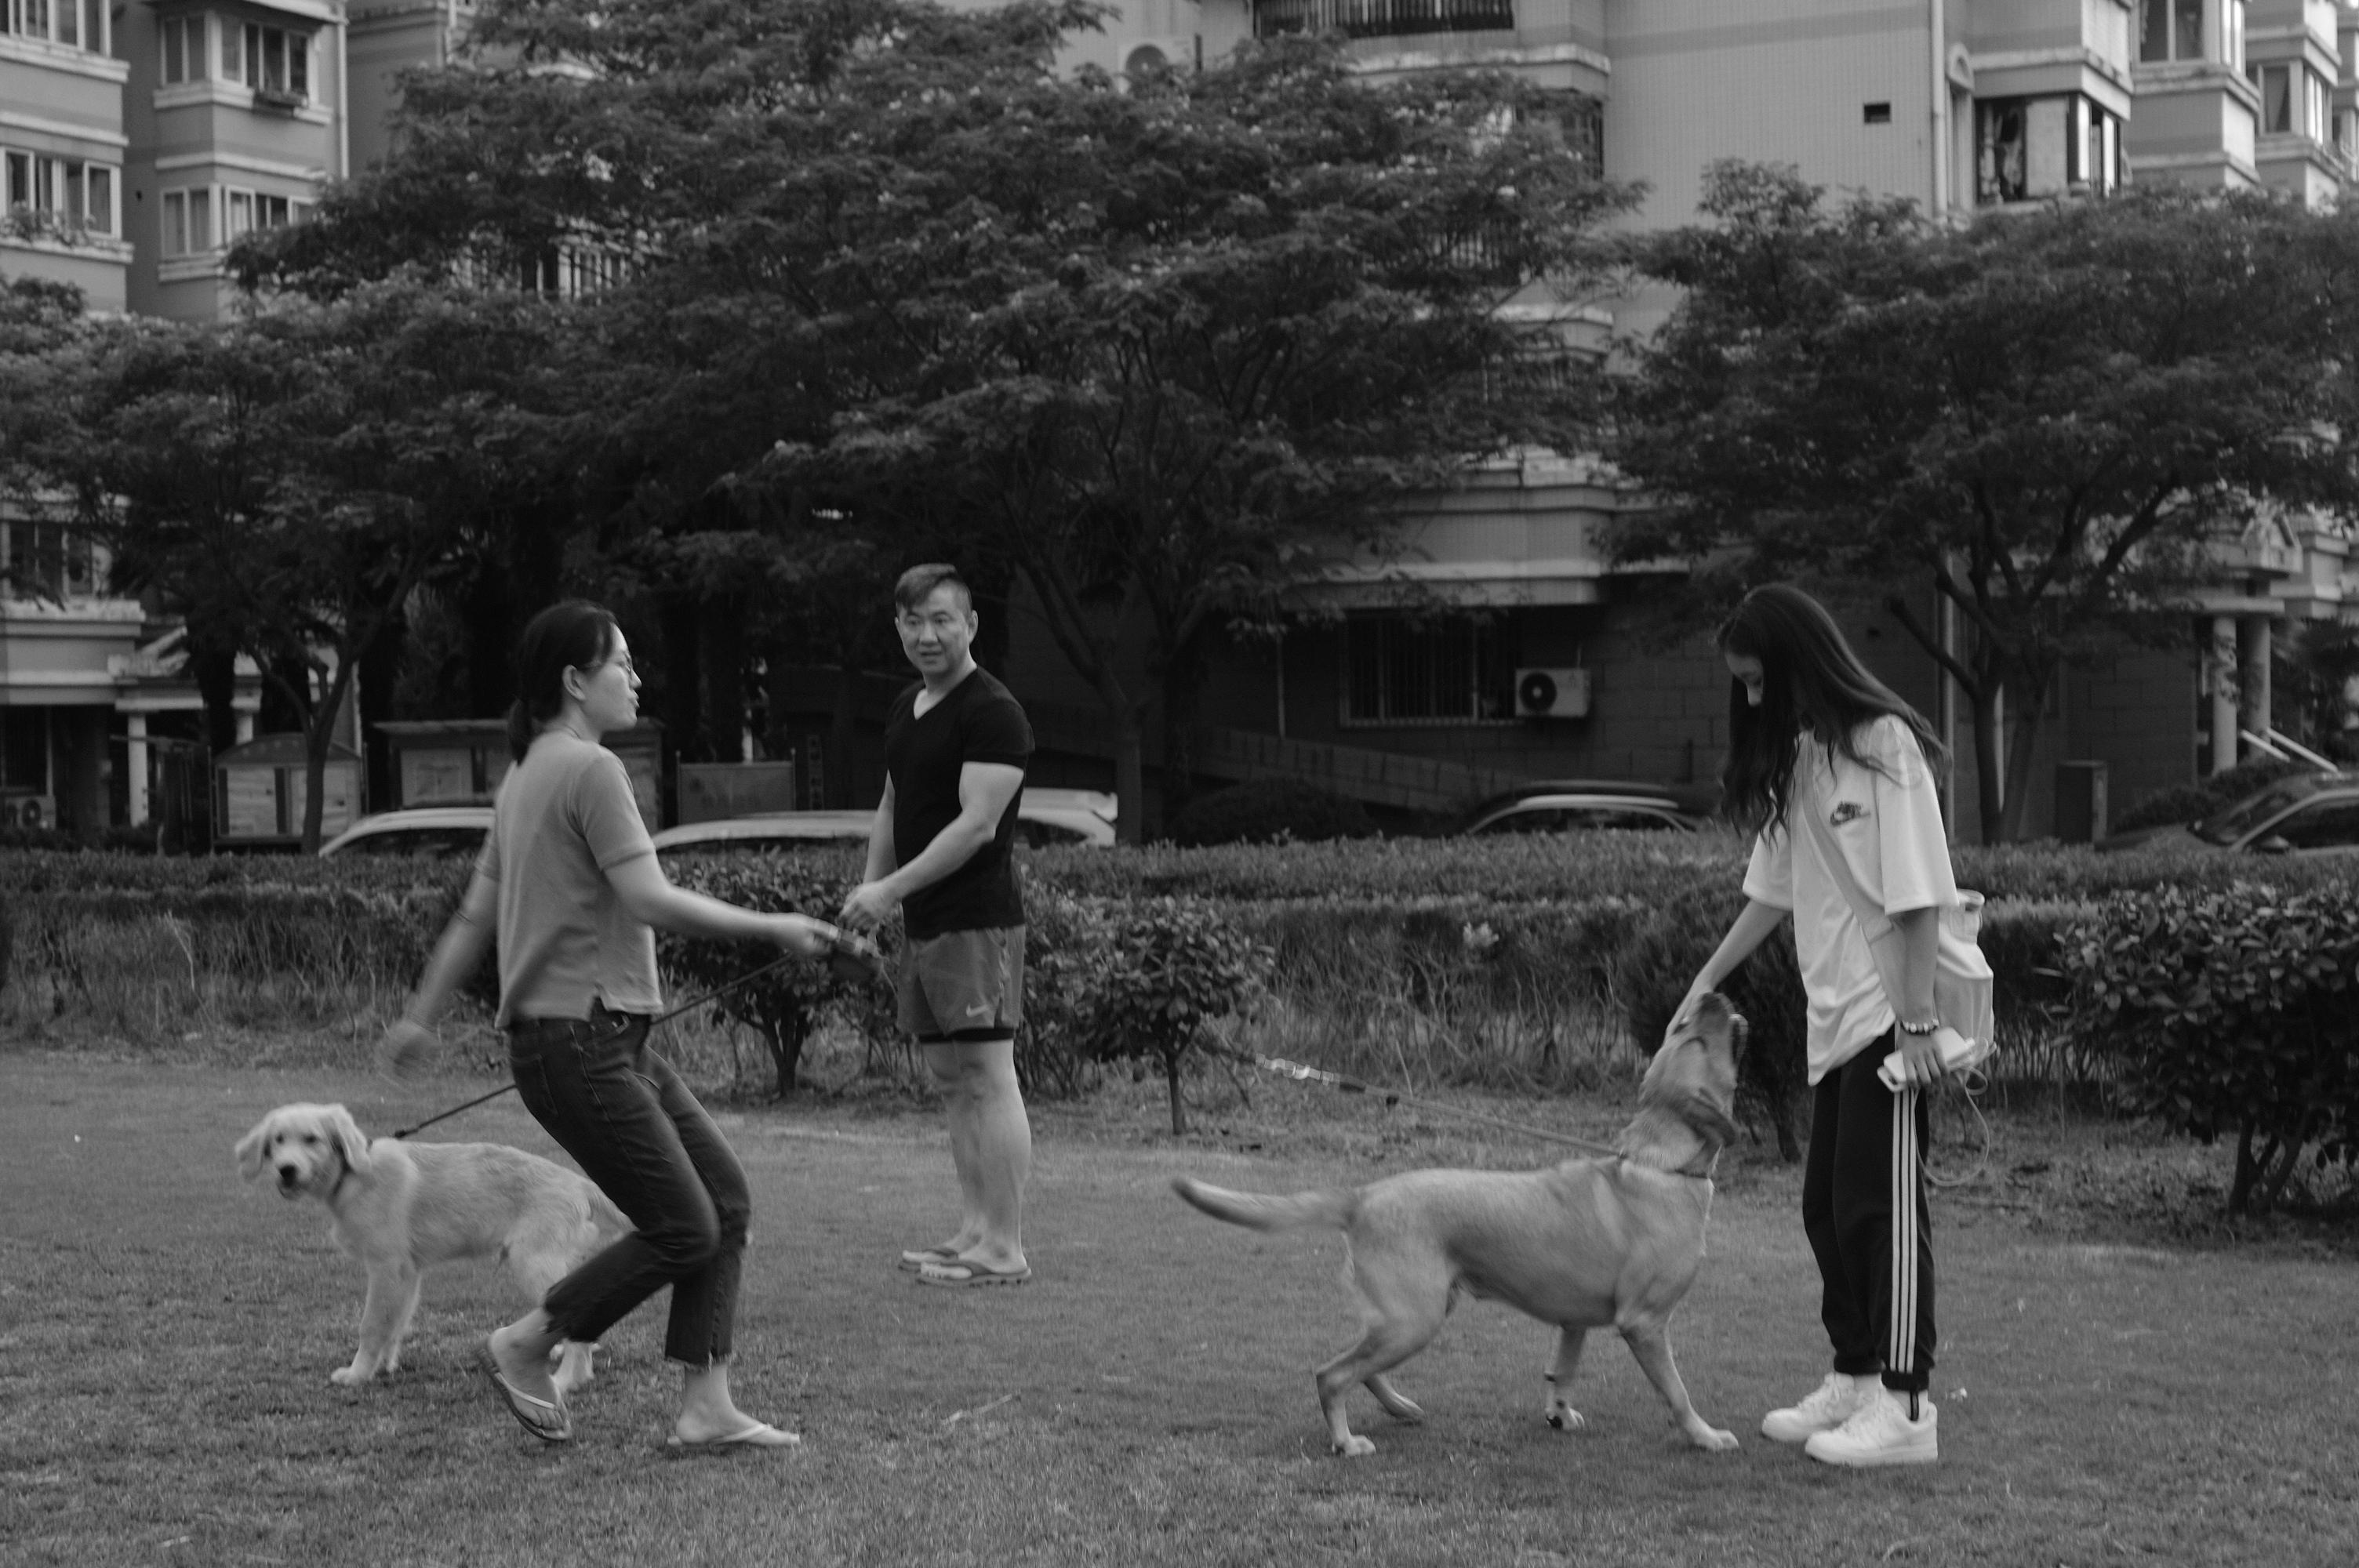 草坪上遛狗的人们。本文图片均为南音 图